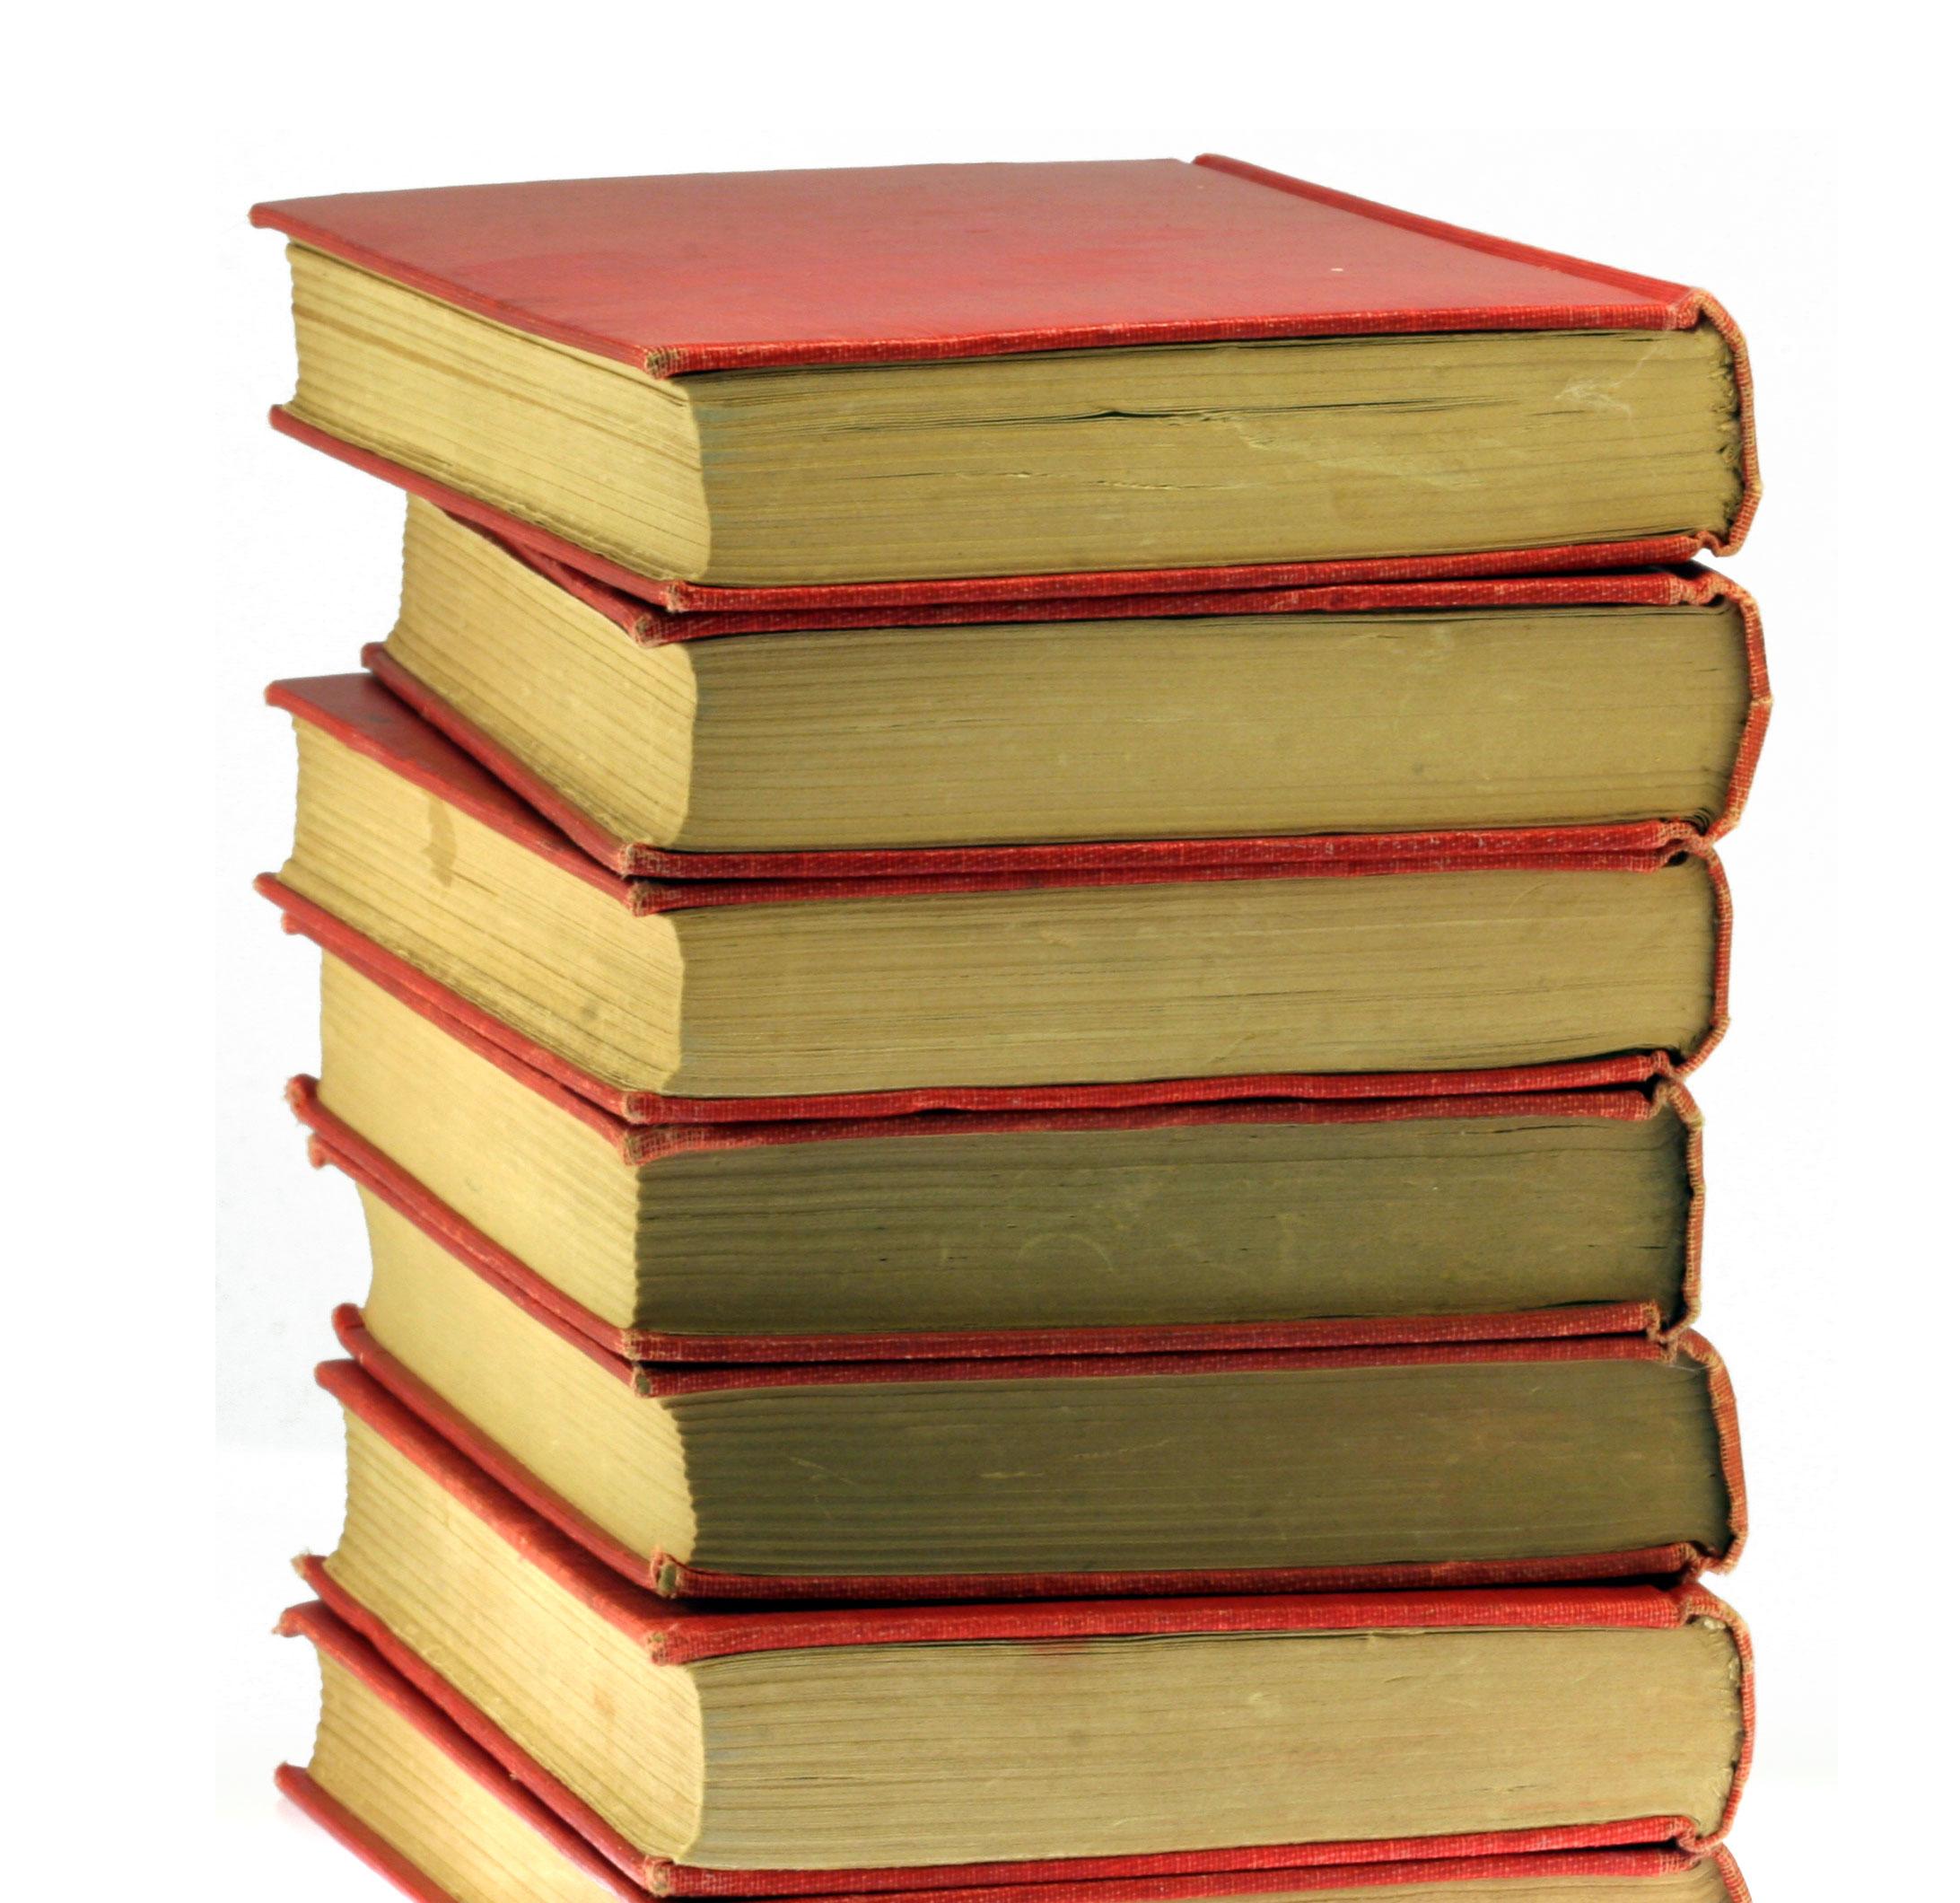 66 Must-read books for Impactful Entrepreneurs